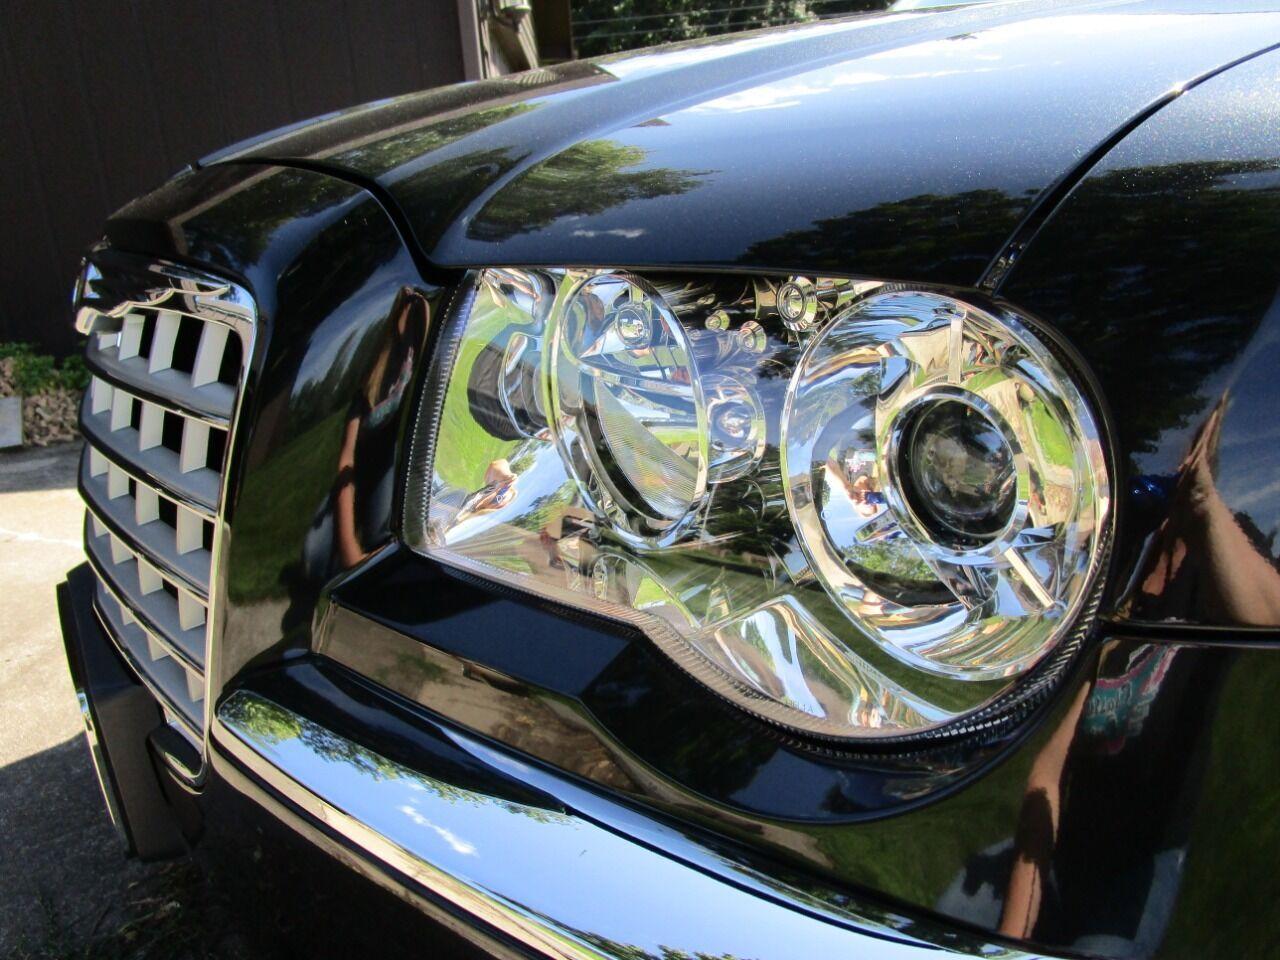 2006 Chrysler 300 26